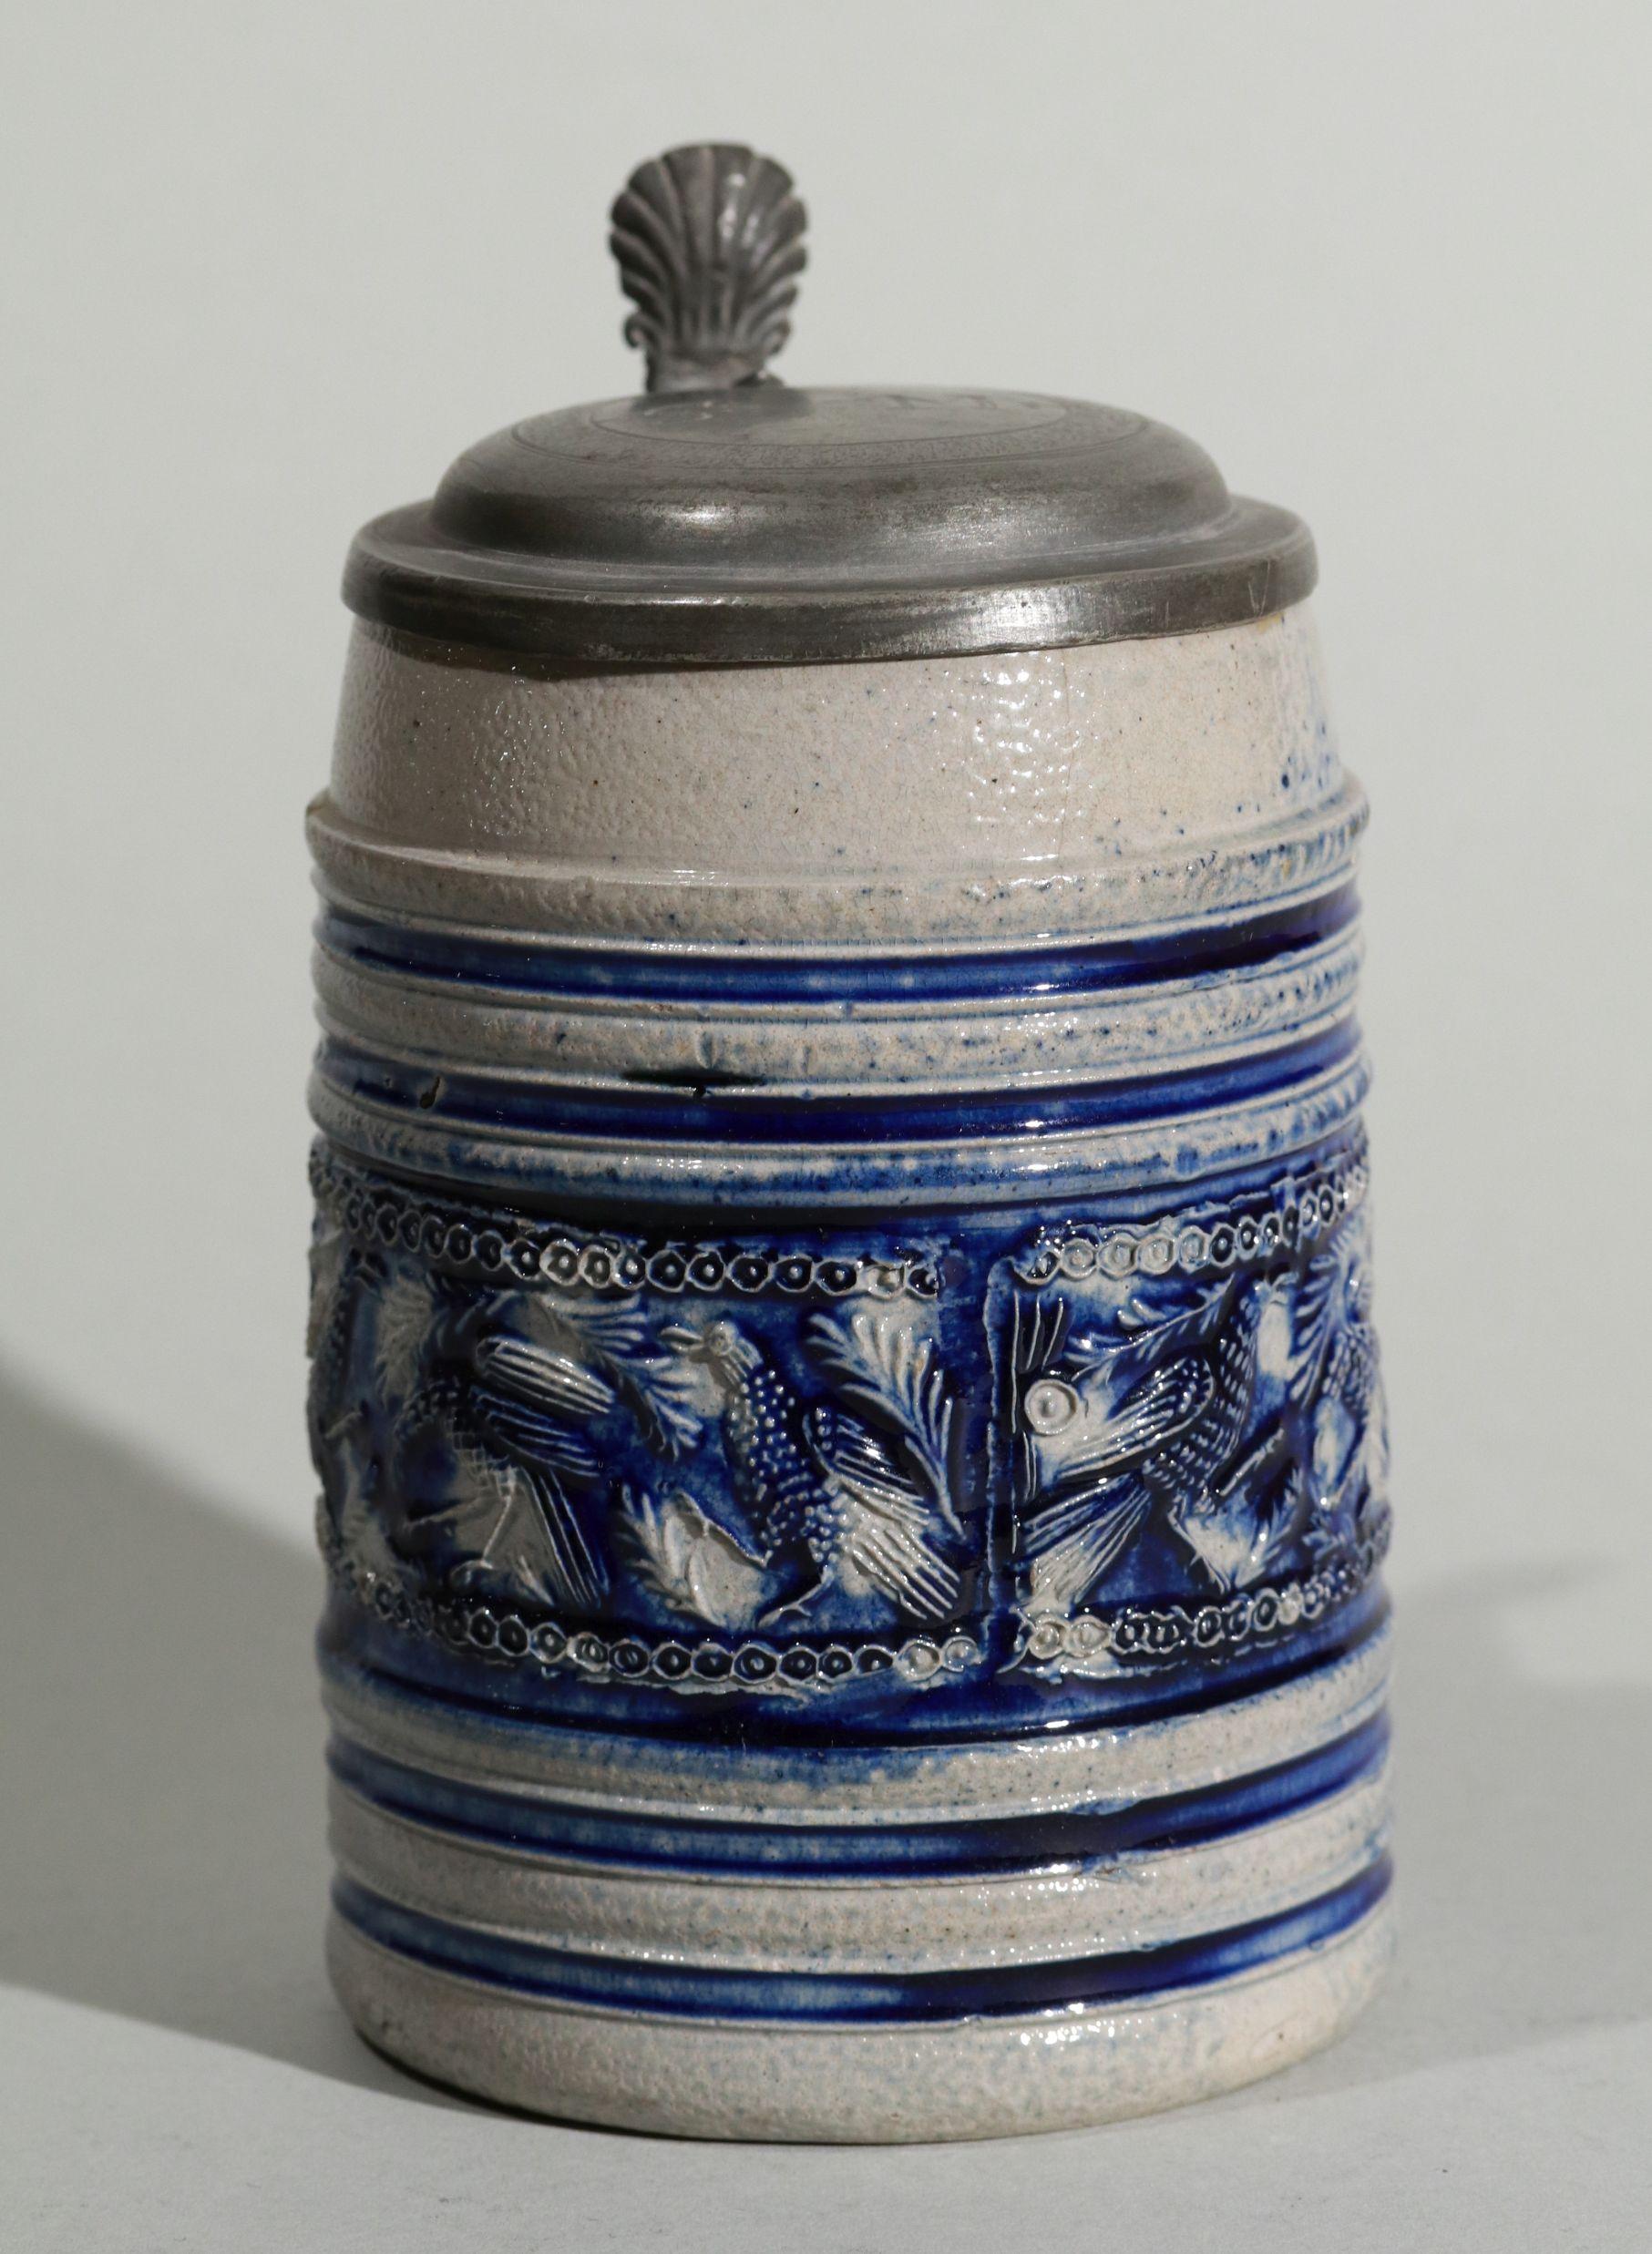 kleiner-westerwald-westerwälder-walzenkrug-um-1700- applied relief blue salt glazed stoneware tankard